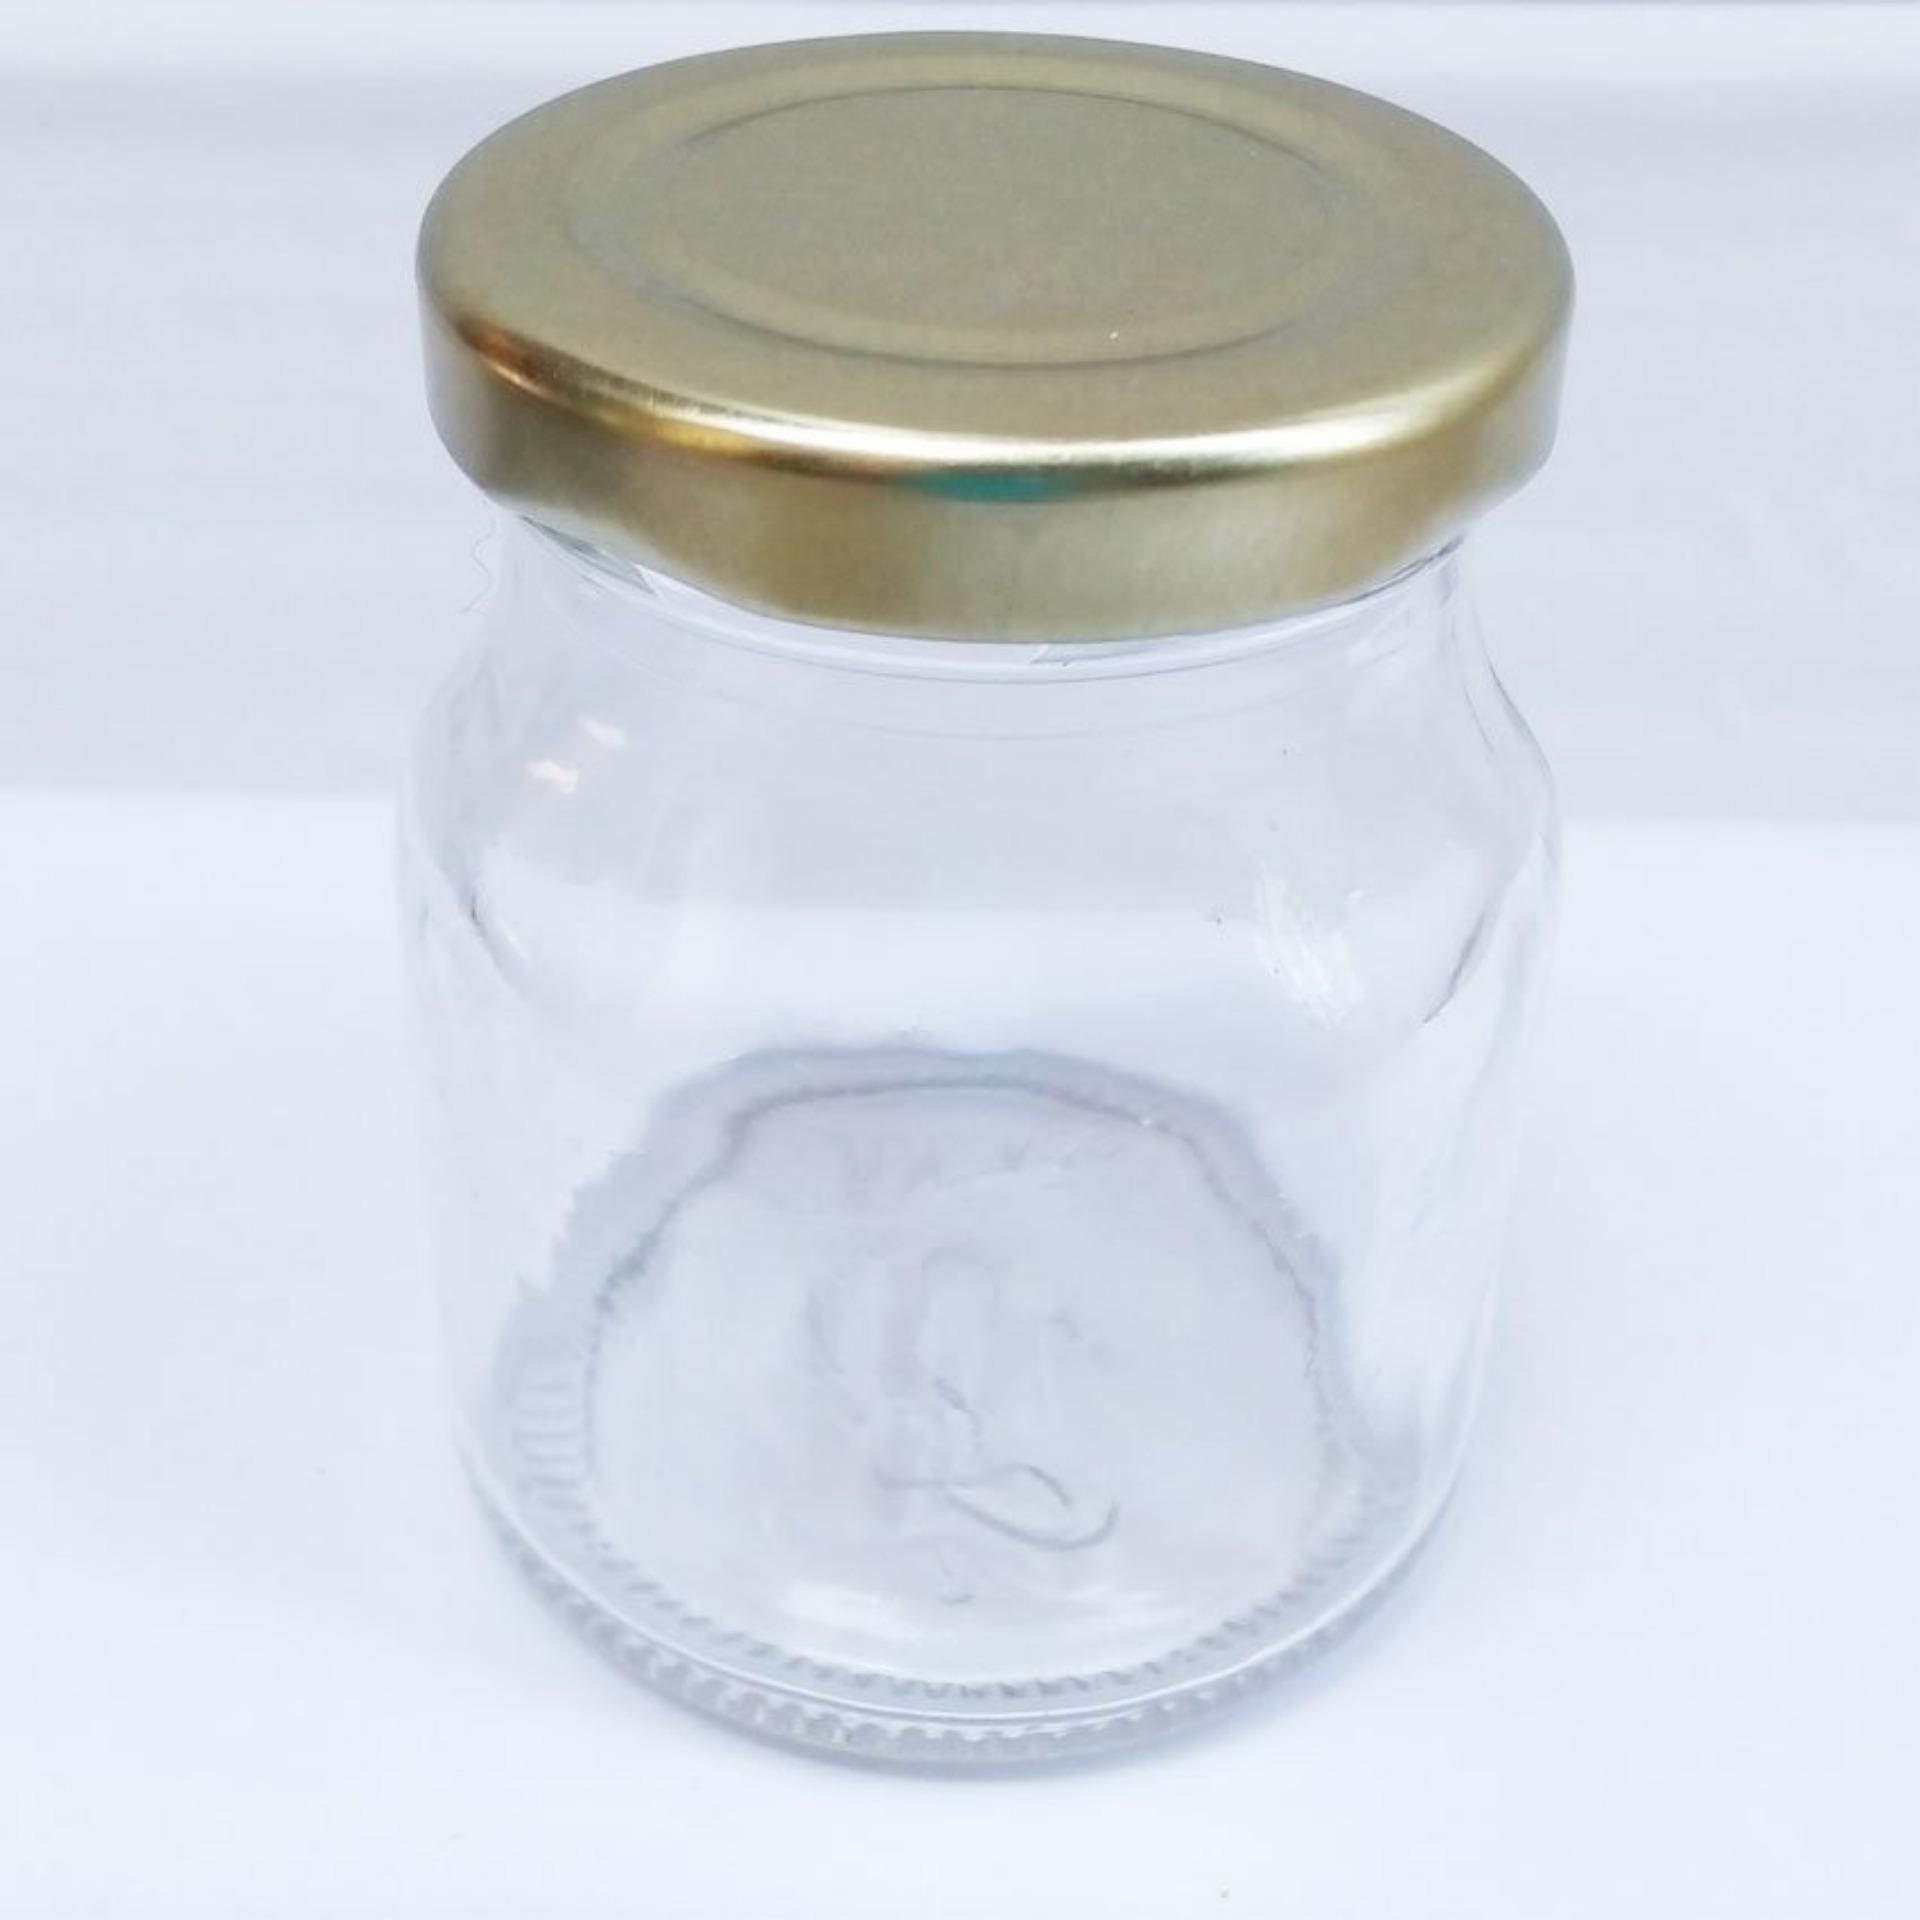 Bộ 24 hũ thủy tinh làm sữa chua nắp thiếc